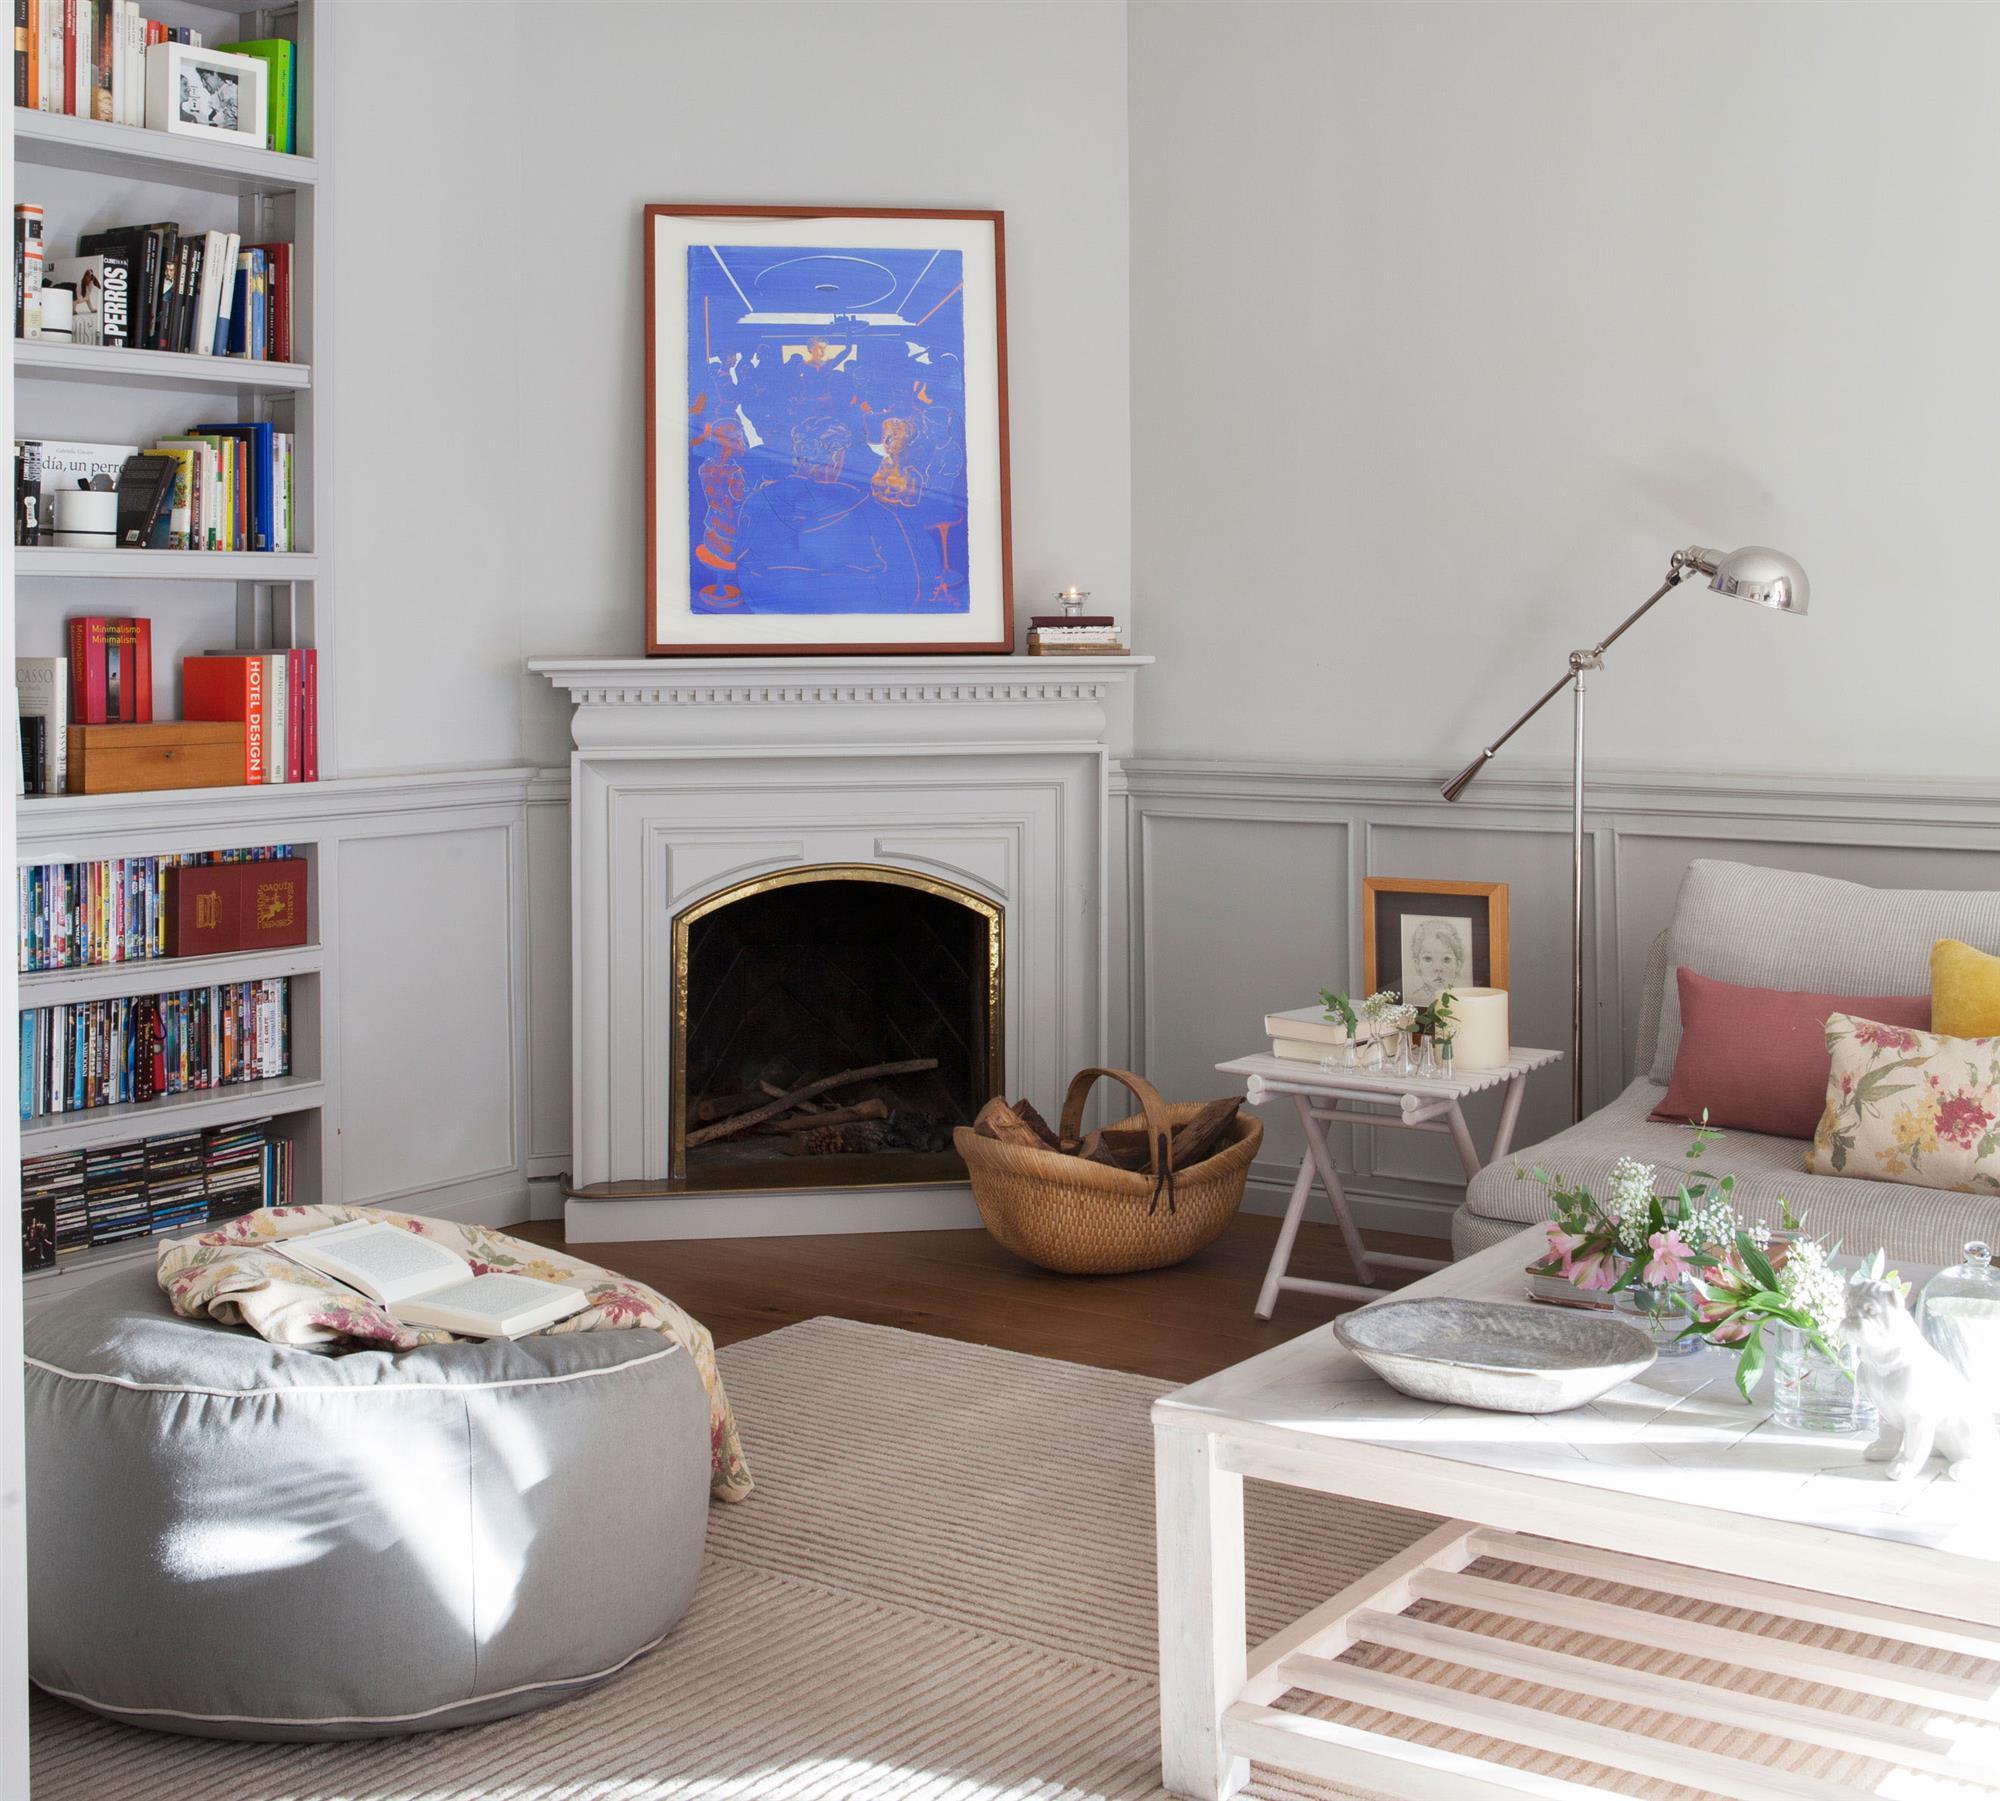 Ventajas de tener una chimenea en casa - Poner chimenea en casa ...